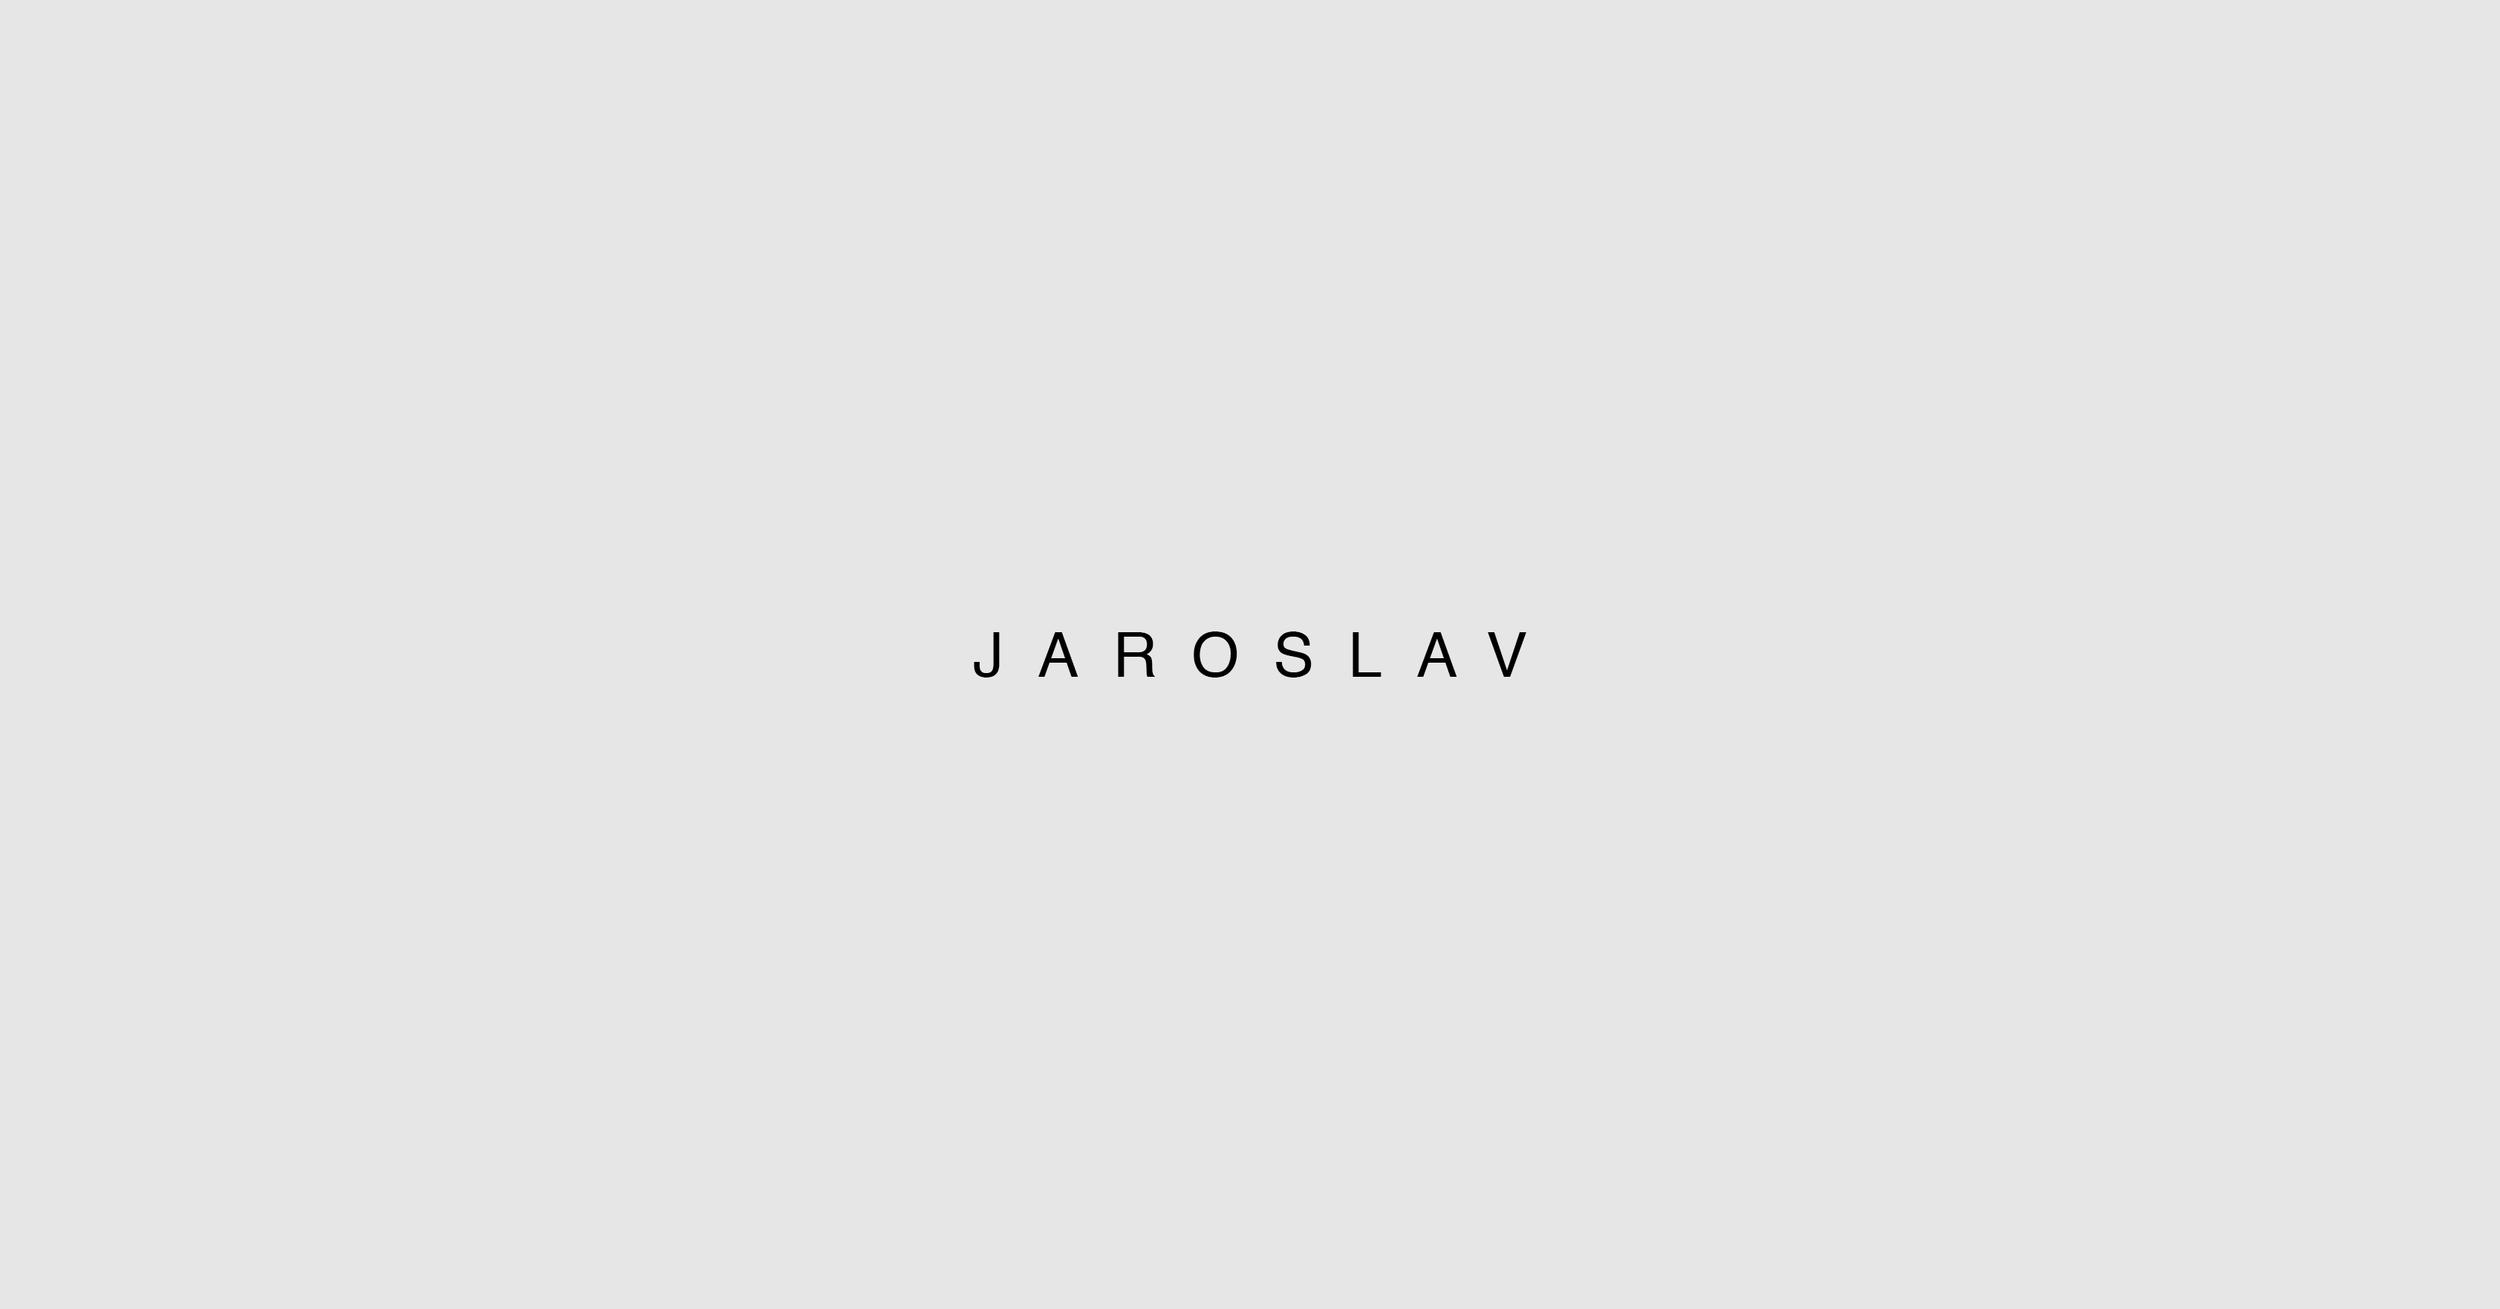 jaroslav-grey.jpg